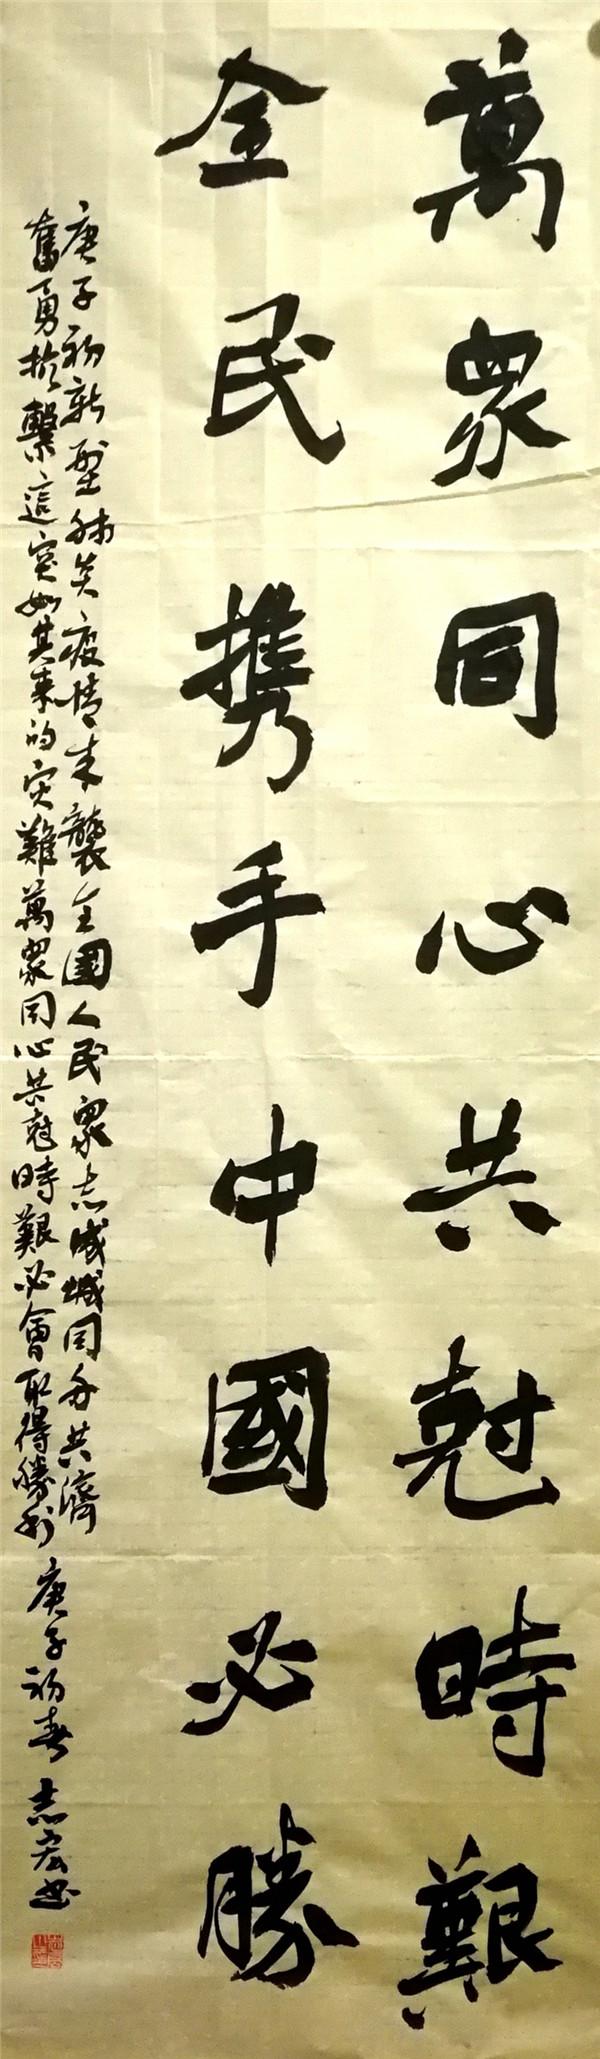 作者:蒋志宏